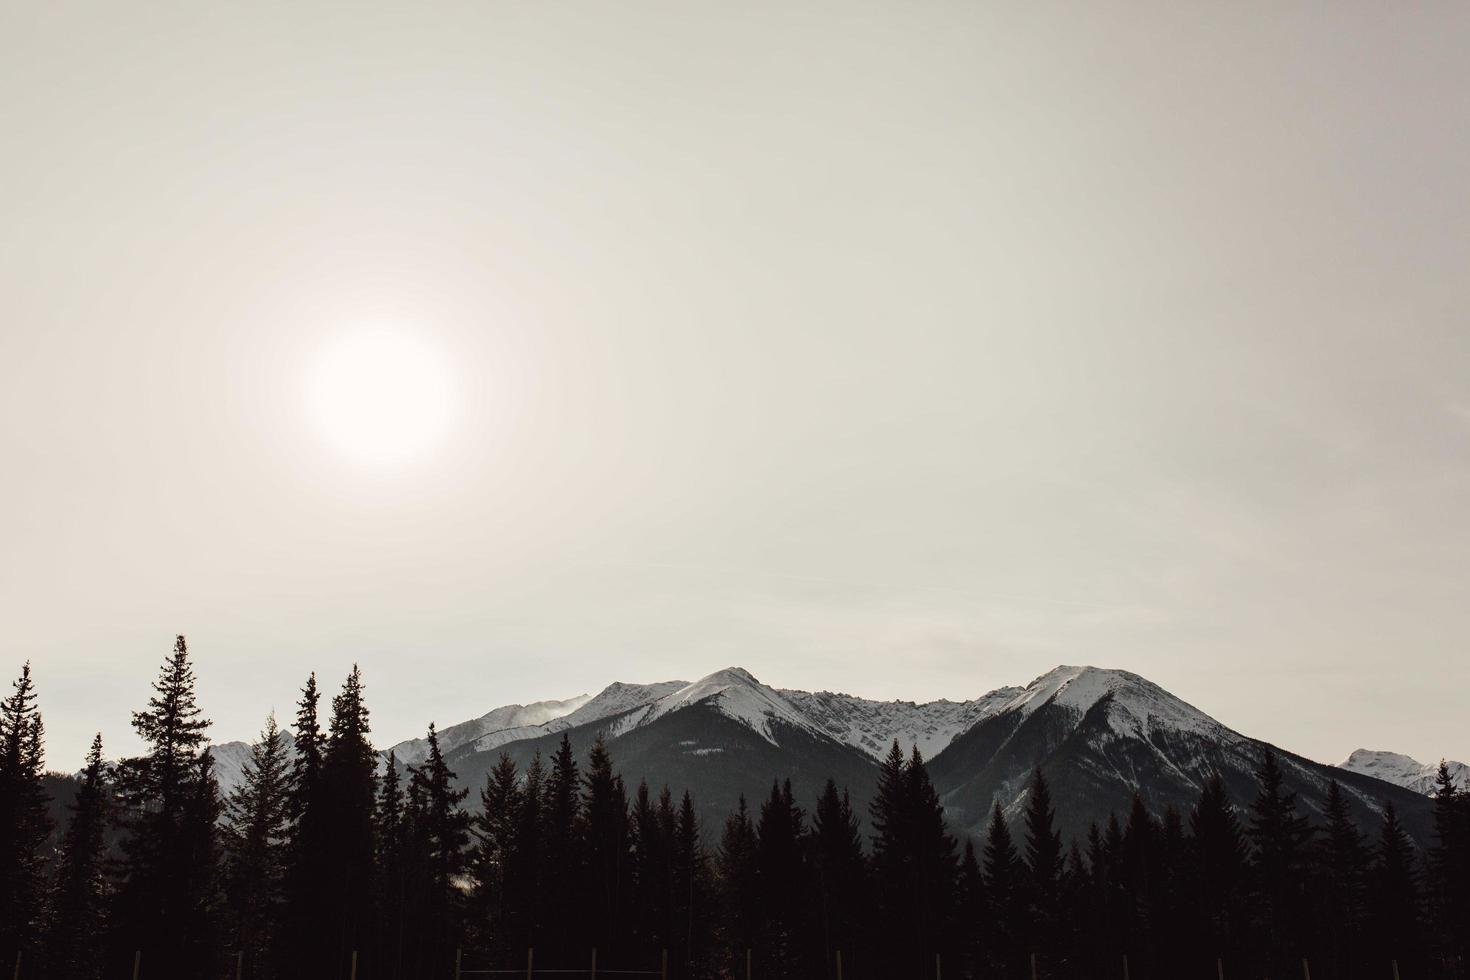 Graustufen-Landschaftsfoto des Berges foto